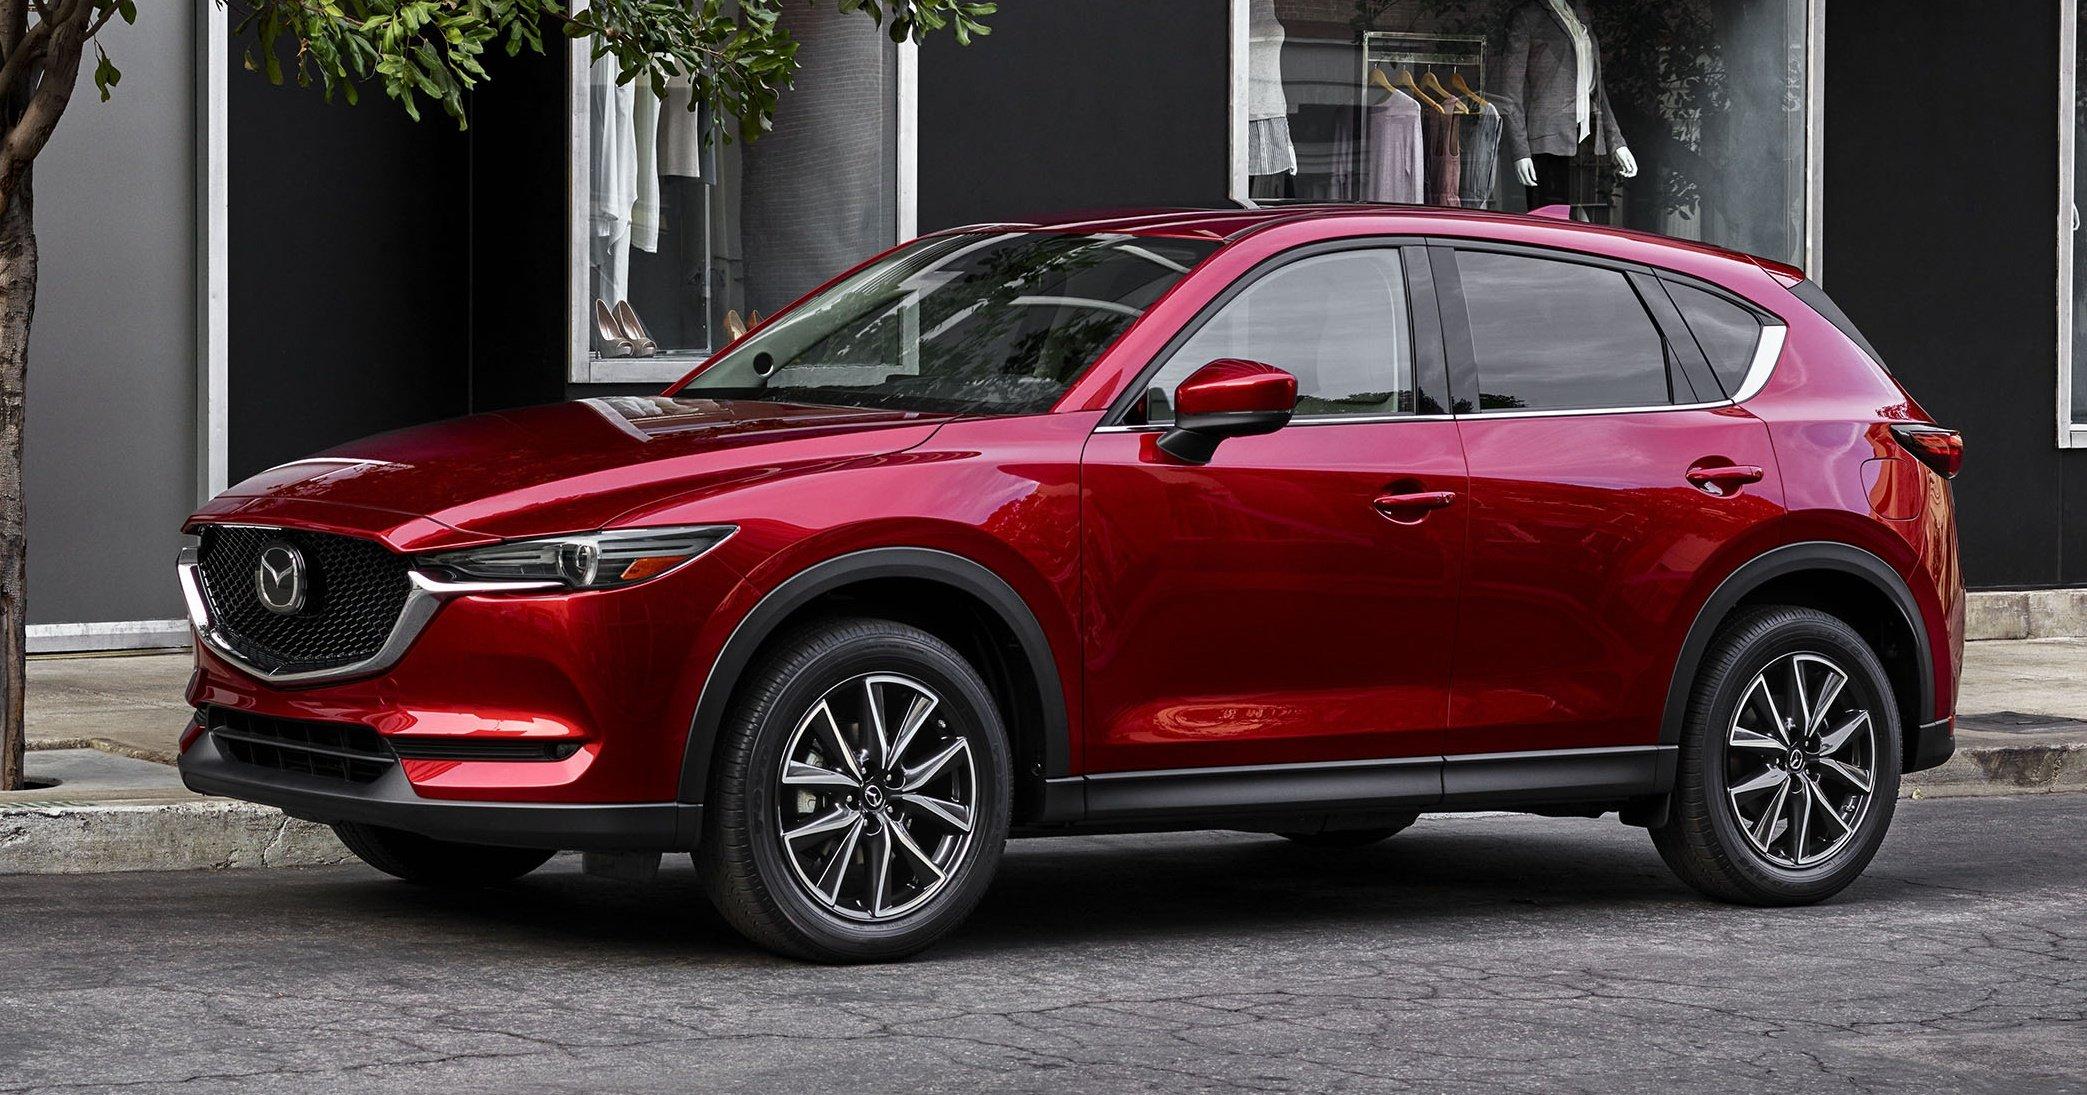 All-new <b>Mazda</b> CX-5 officially debuts at LA Auto Show